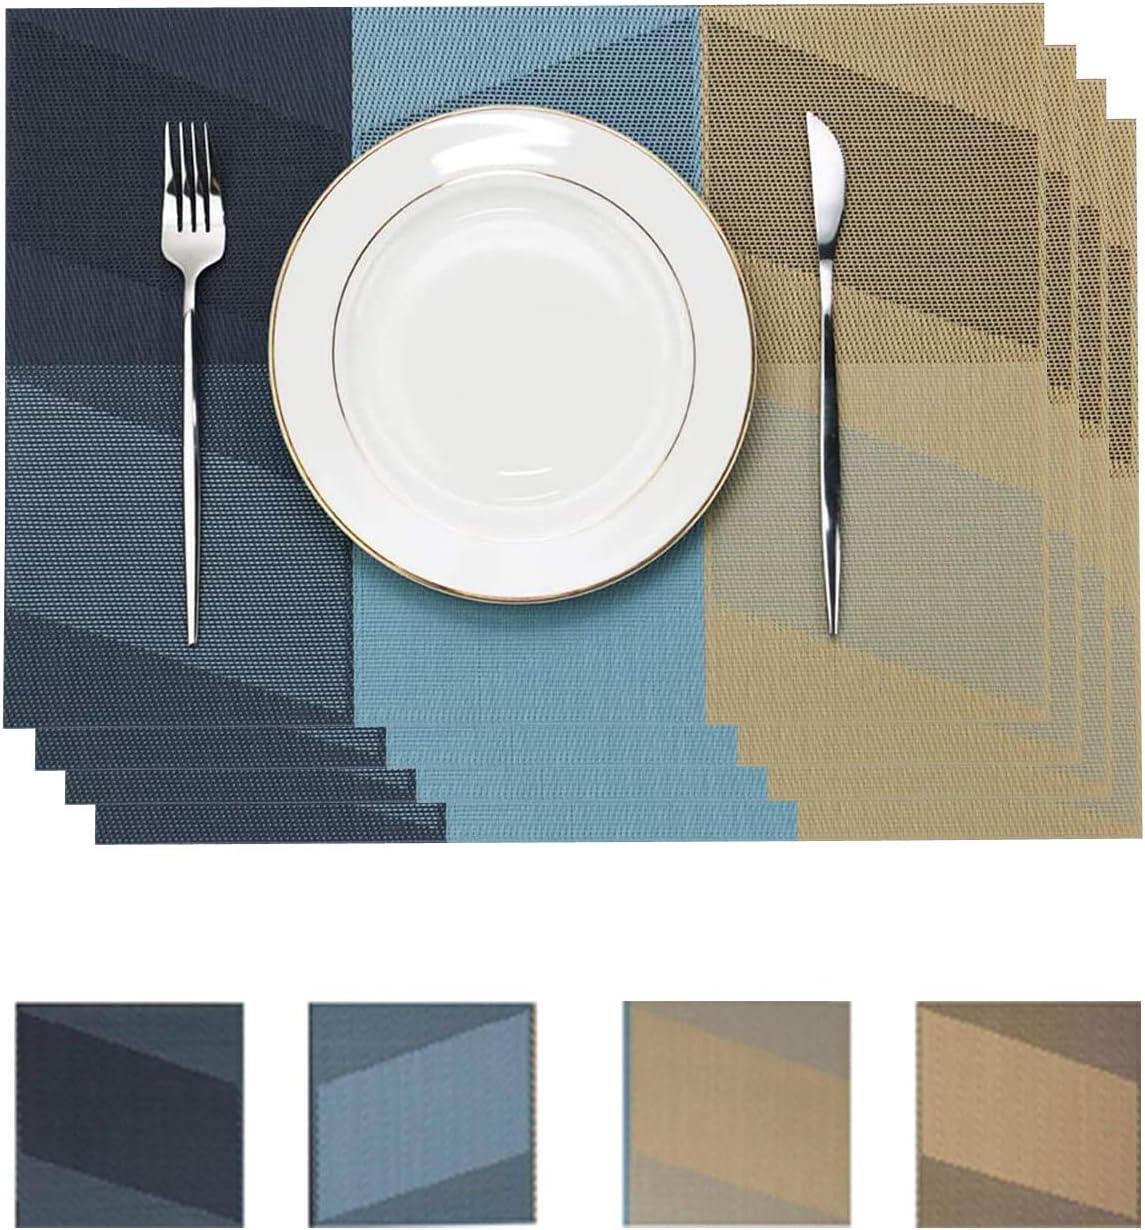 Lot de 8 sets de table et dessous de verre lavables avec isolation thermique antid/érapants 45 x 30 cm Bleu g/éom/étrique